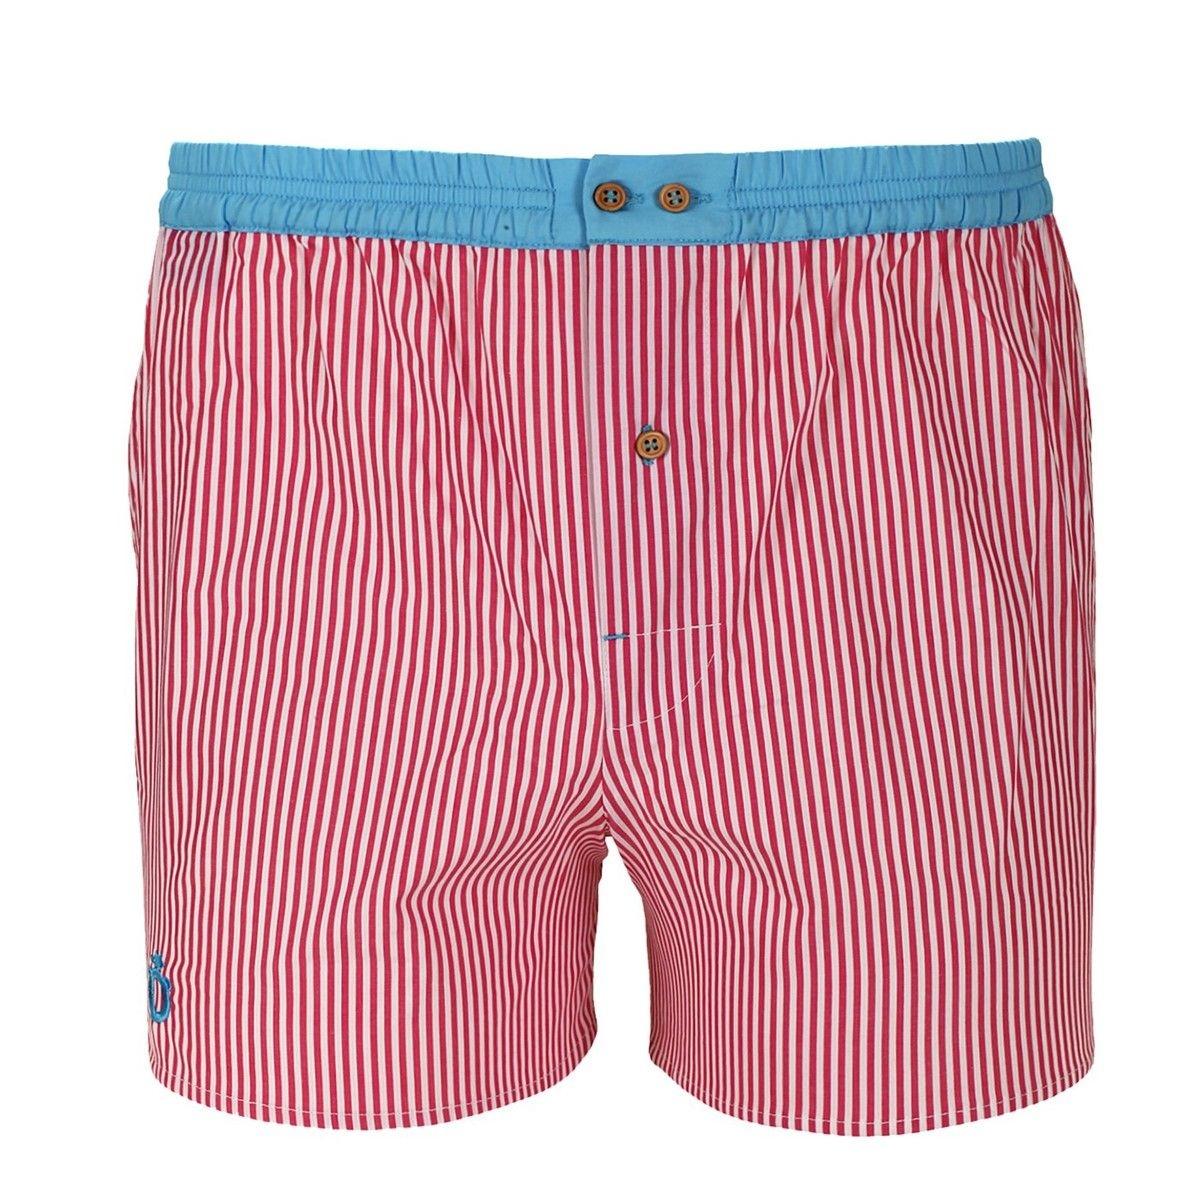 Caleçon à rayures roses avec ceinture bleue